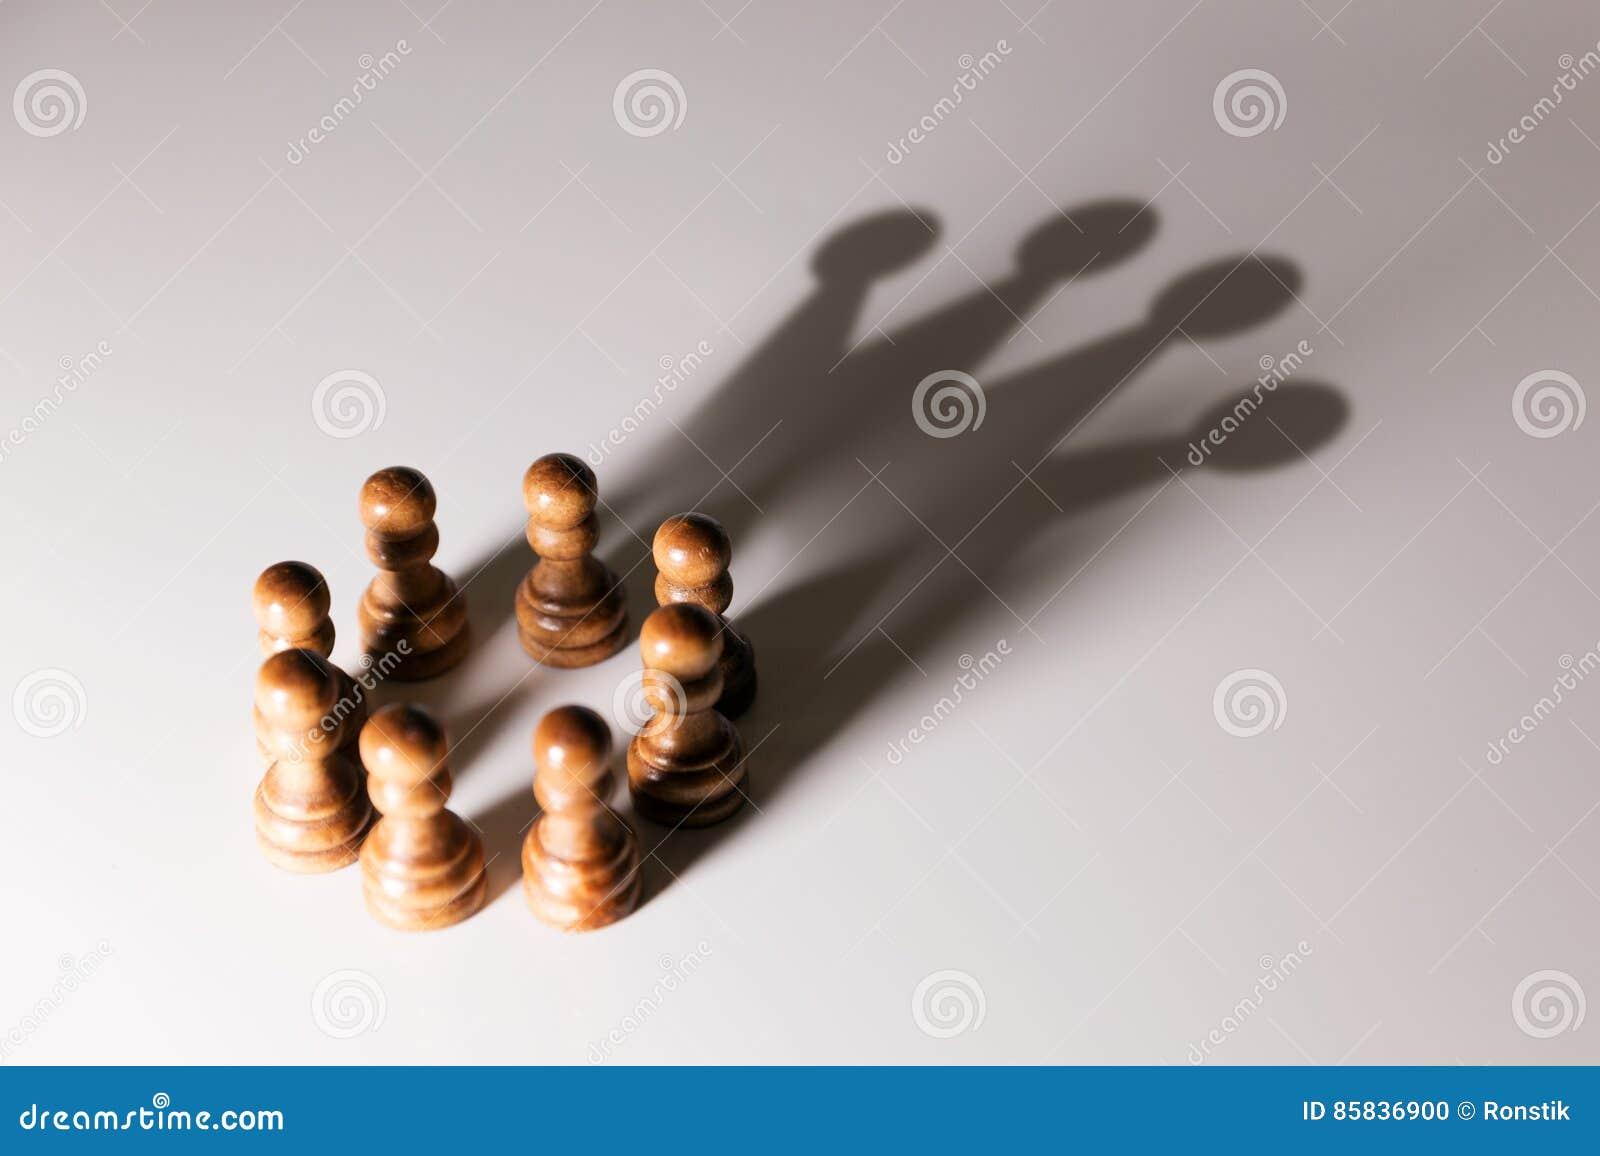 Руководство дела, сила сыгранности и концепция доверия